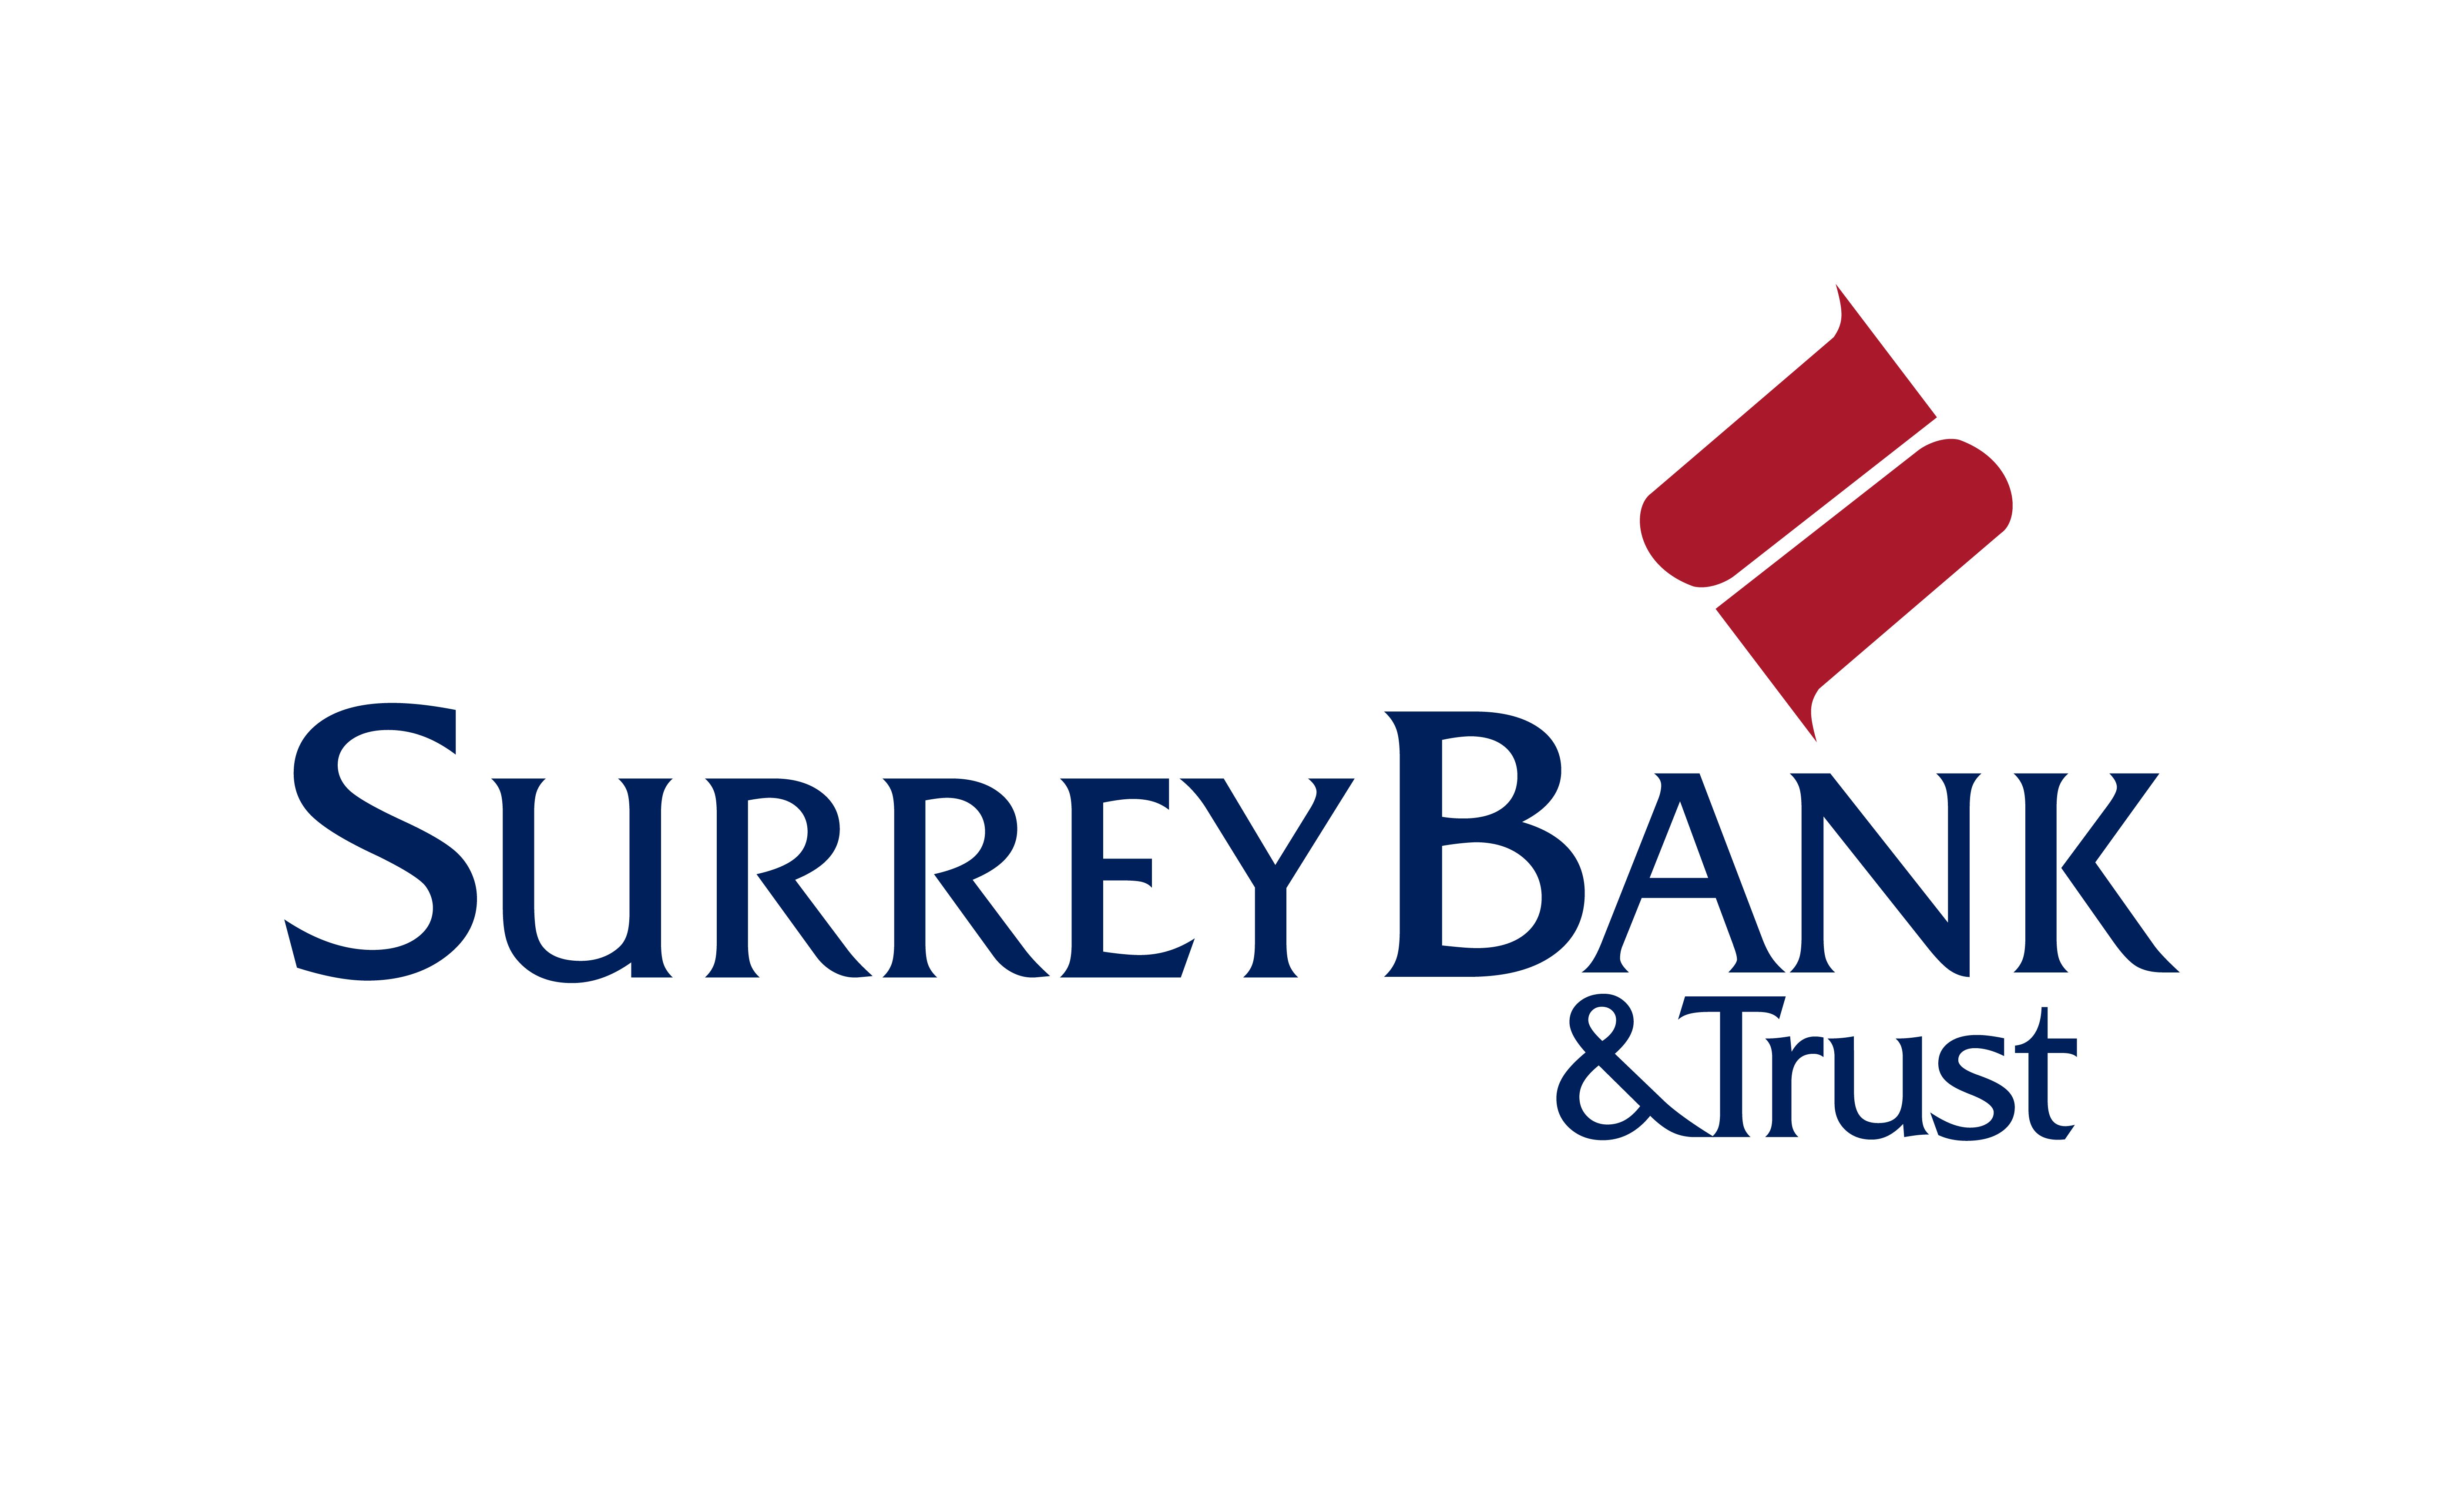 Surrey Bank & Trust